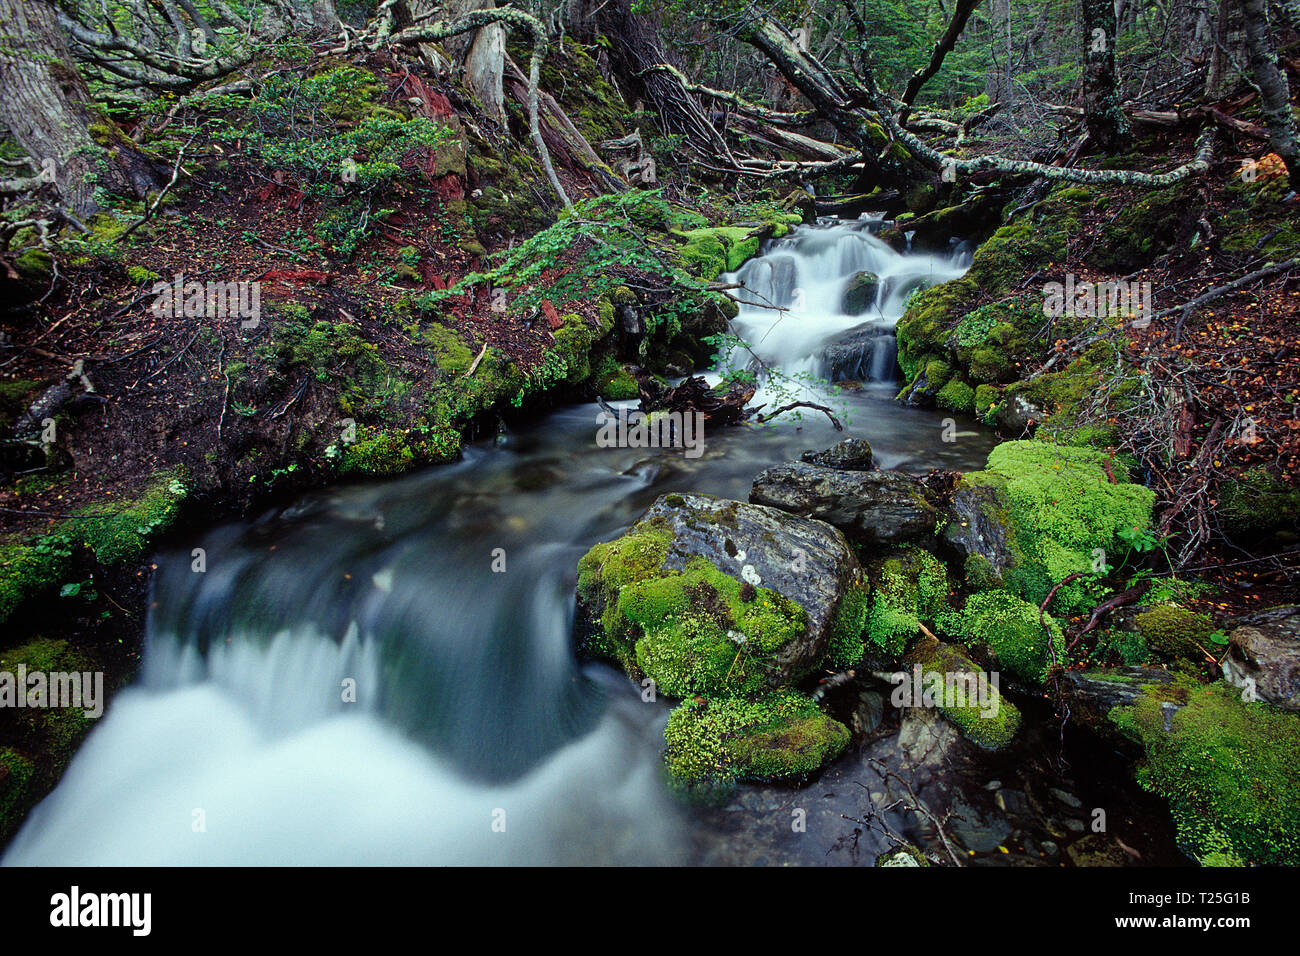 Stream at Tierra del Fuego National Park, Tierra del Fuego, Argentina Stock Photo